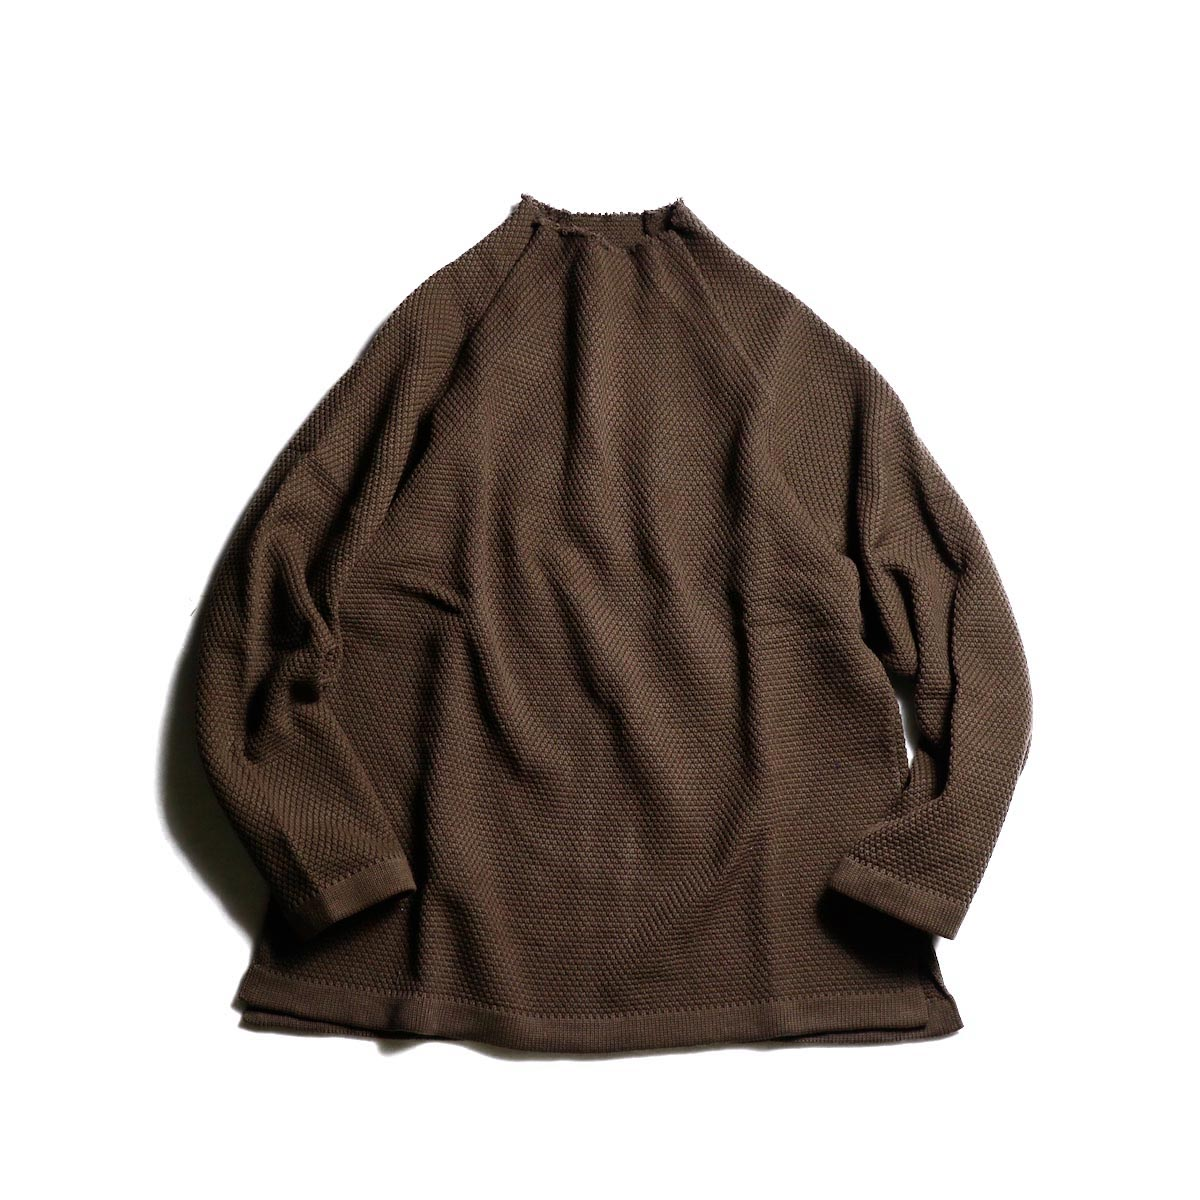 CURLY / KIPS BTL SWEATER (Brown)